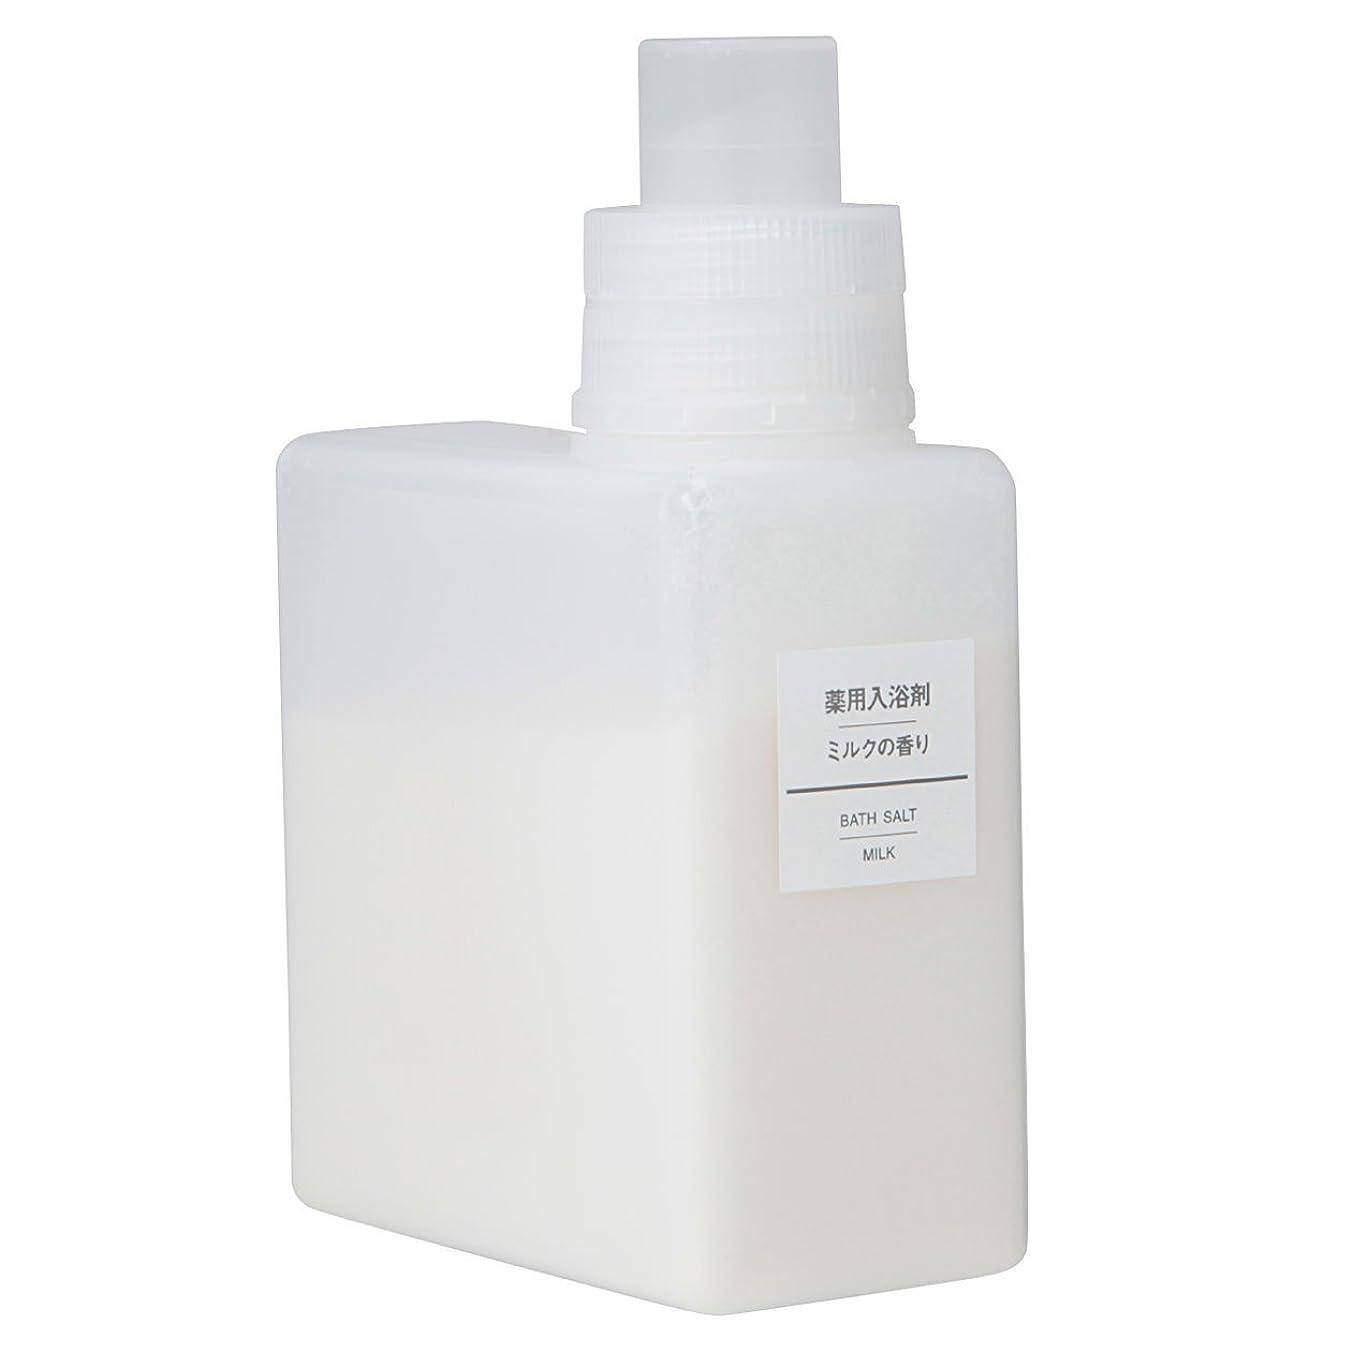 リーク生き物頭無印良品 薬用入浴剤?ミルクの香り (新)500g 日本製